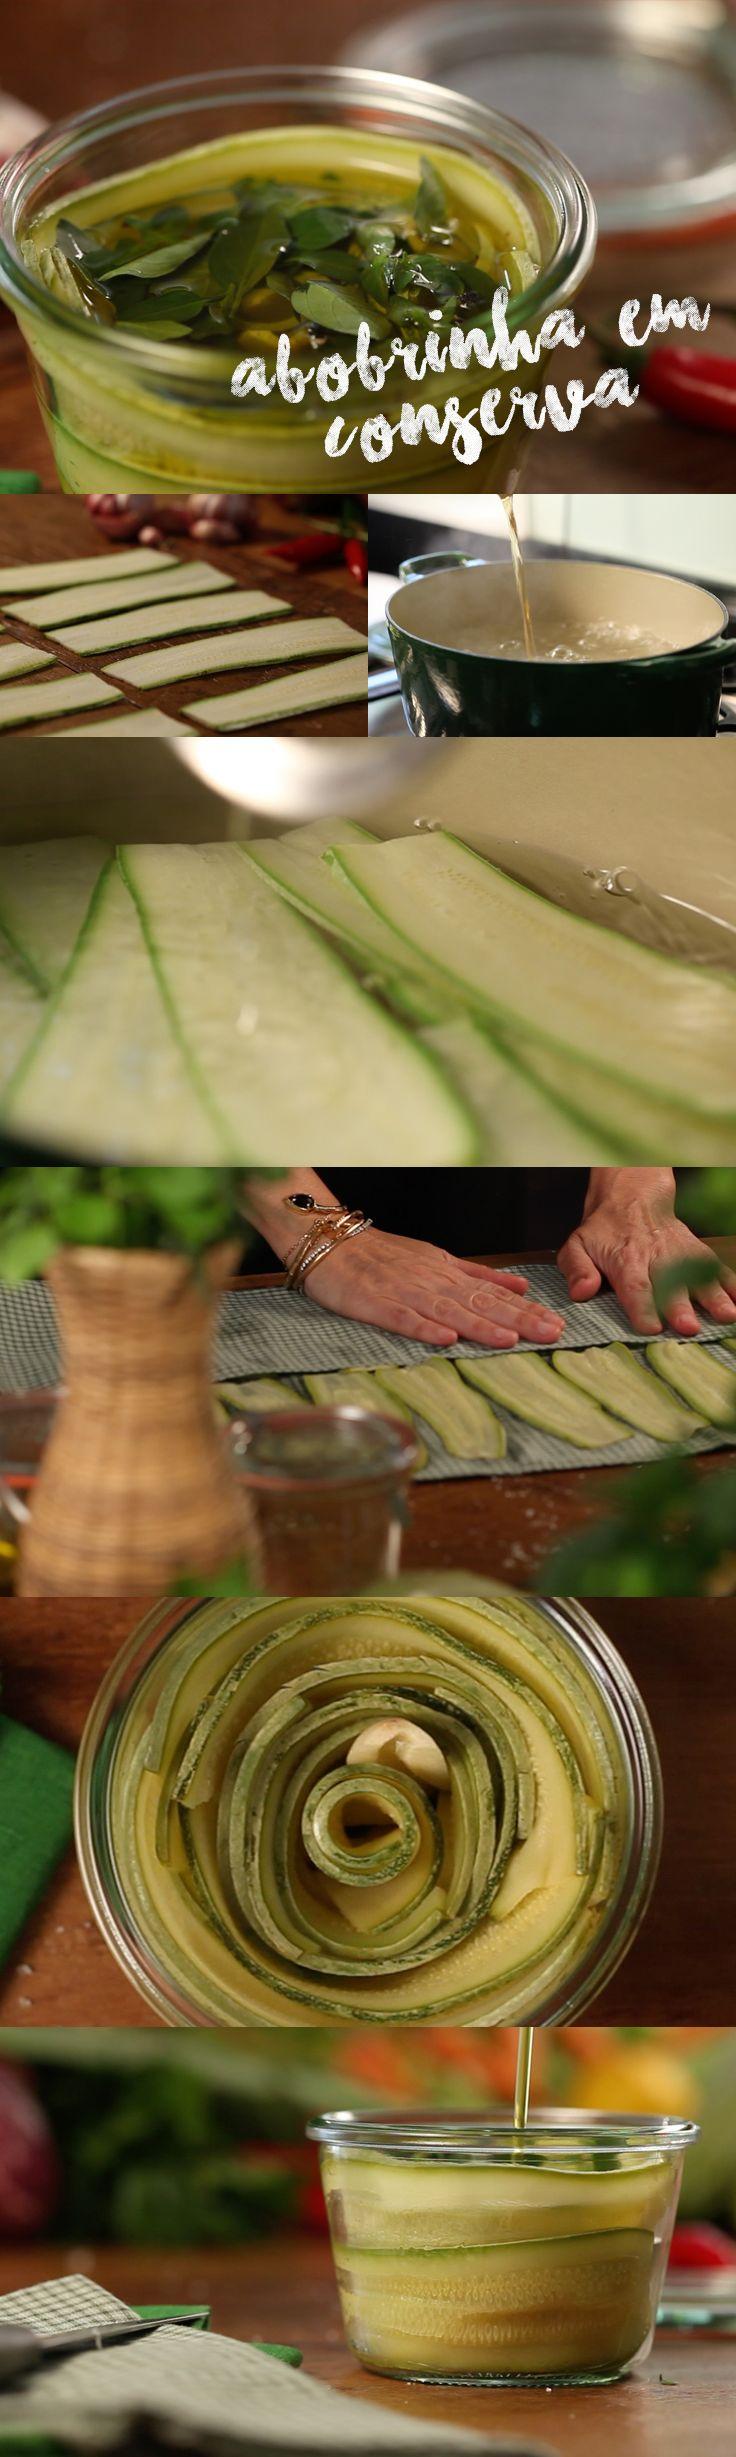 Receita muito saborosa e fica divina em sanduíches de queijo de cabra no pão integral. Veja mais receitas em www.myyellowpages.com.br